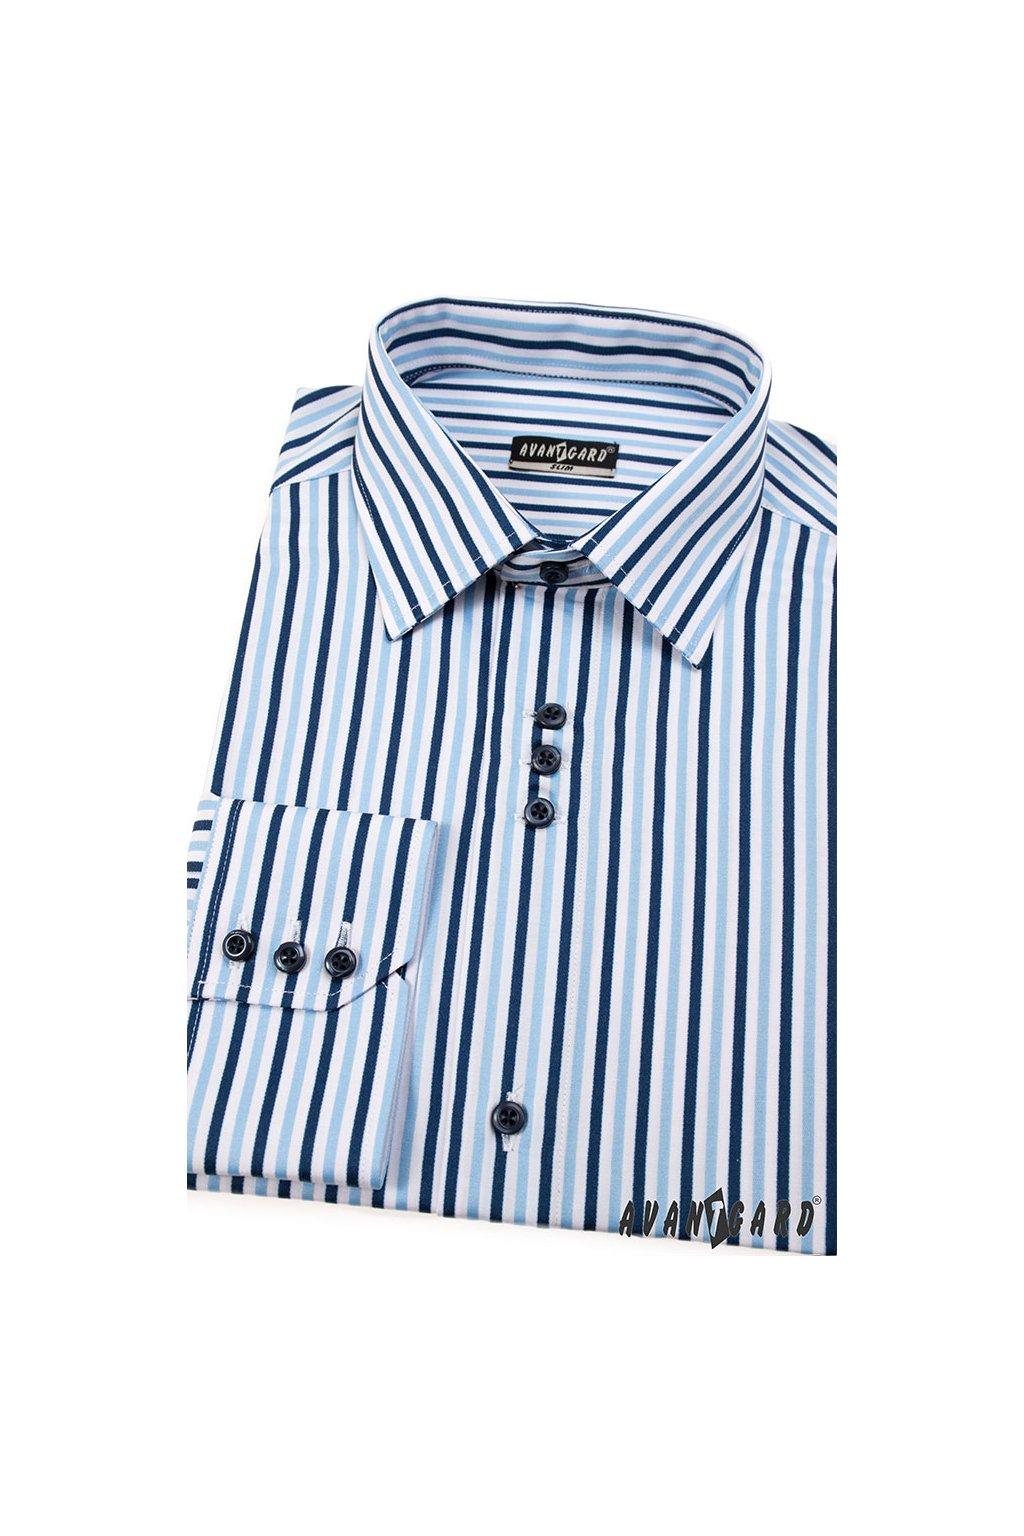 Pánská košile AVANTGARD SLIM dl. ruk. modrá 125 - 6501